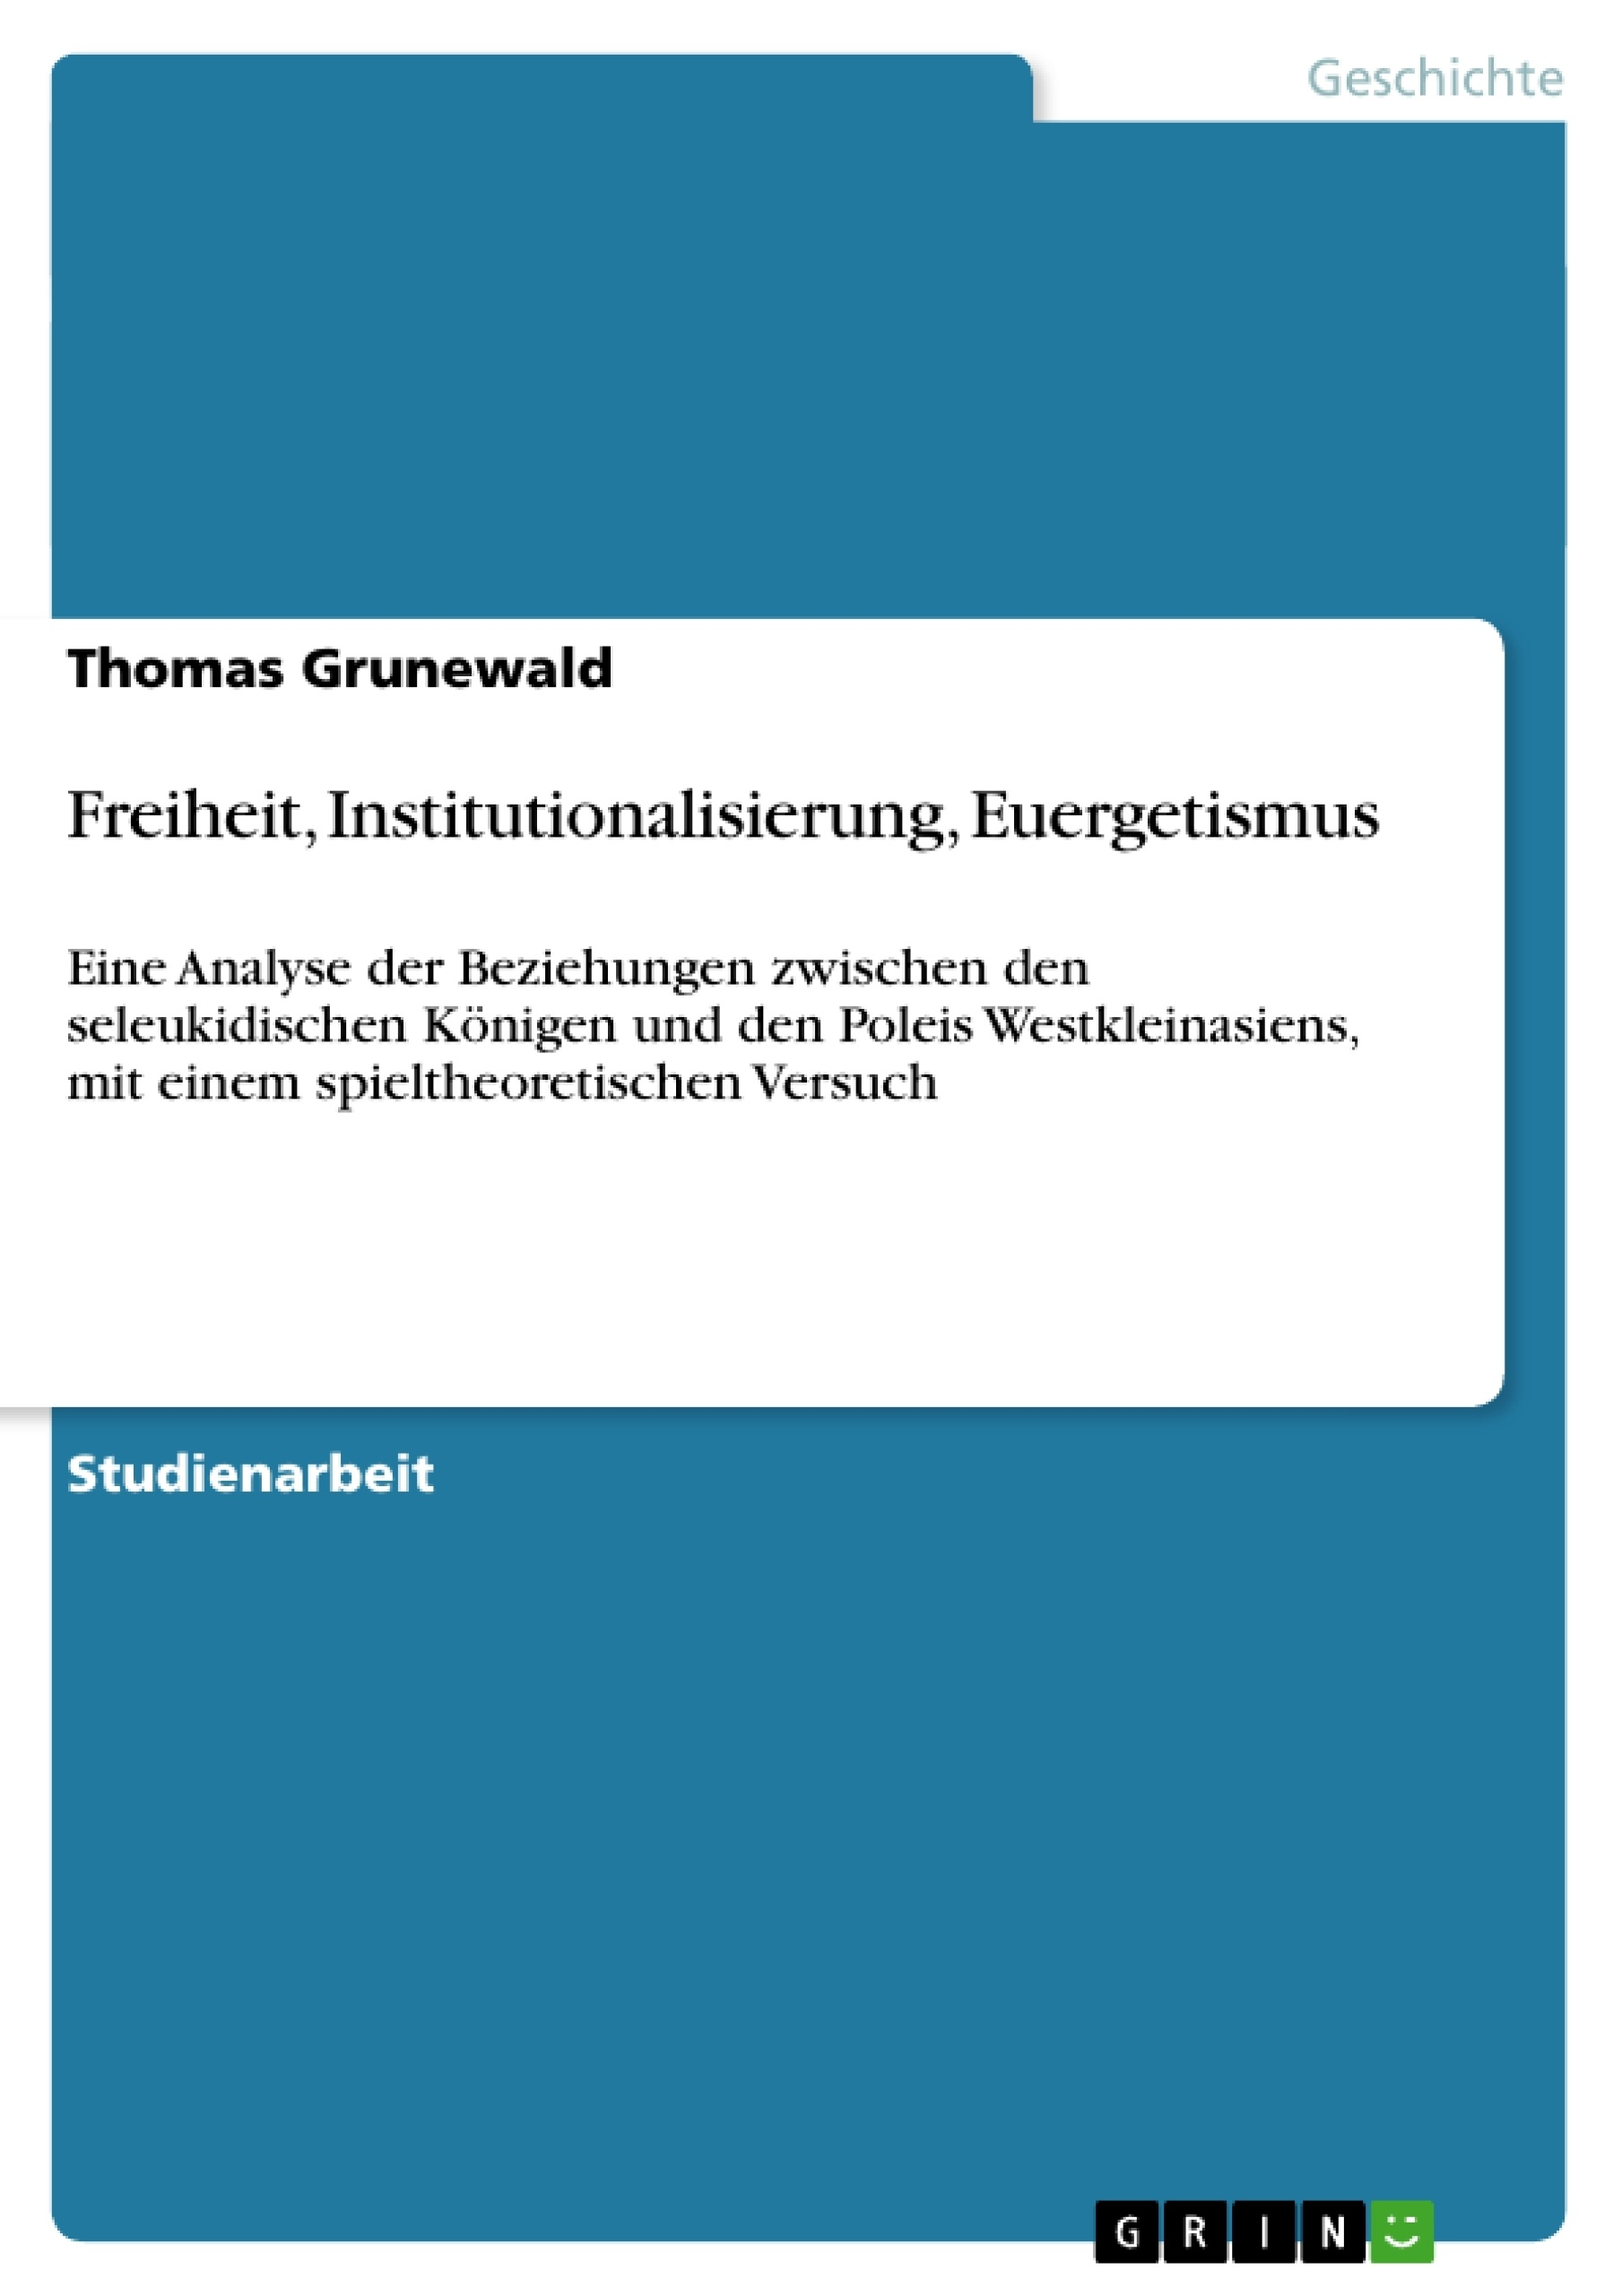 Titel: Freiheit, Institutionalisierung, Euergetismus